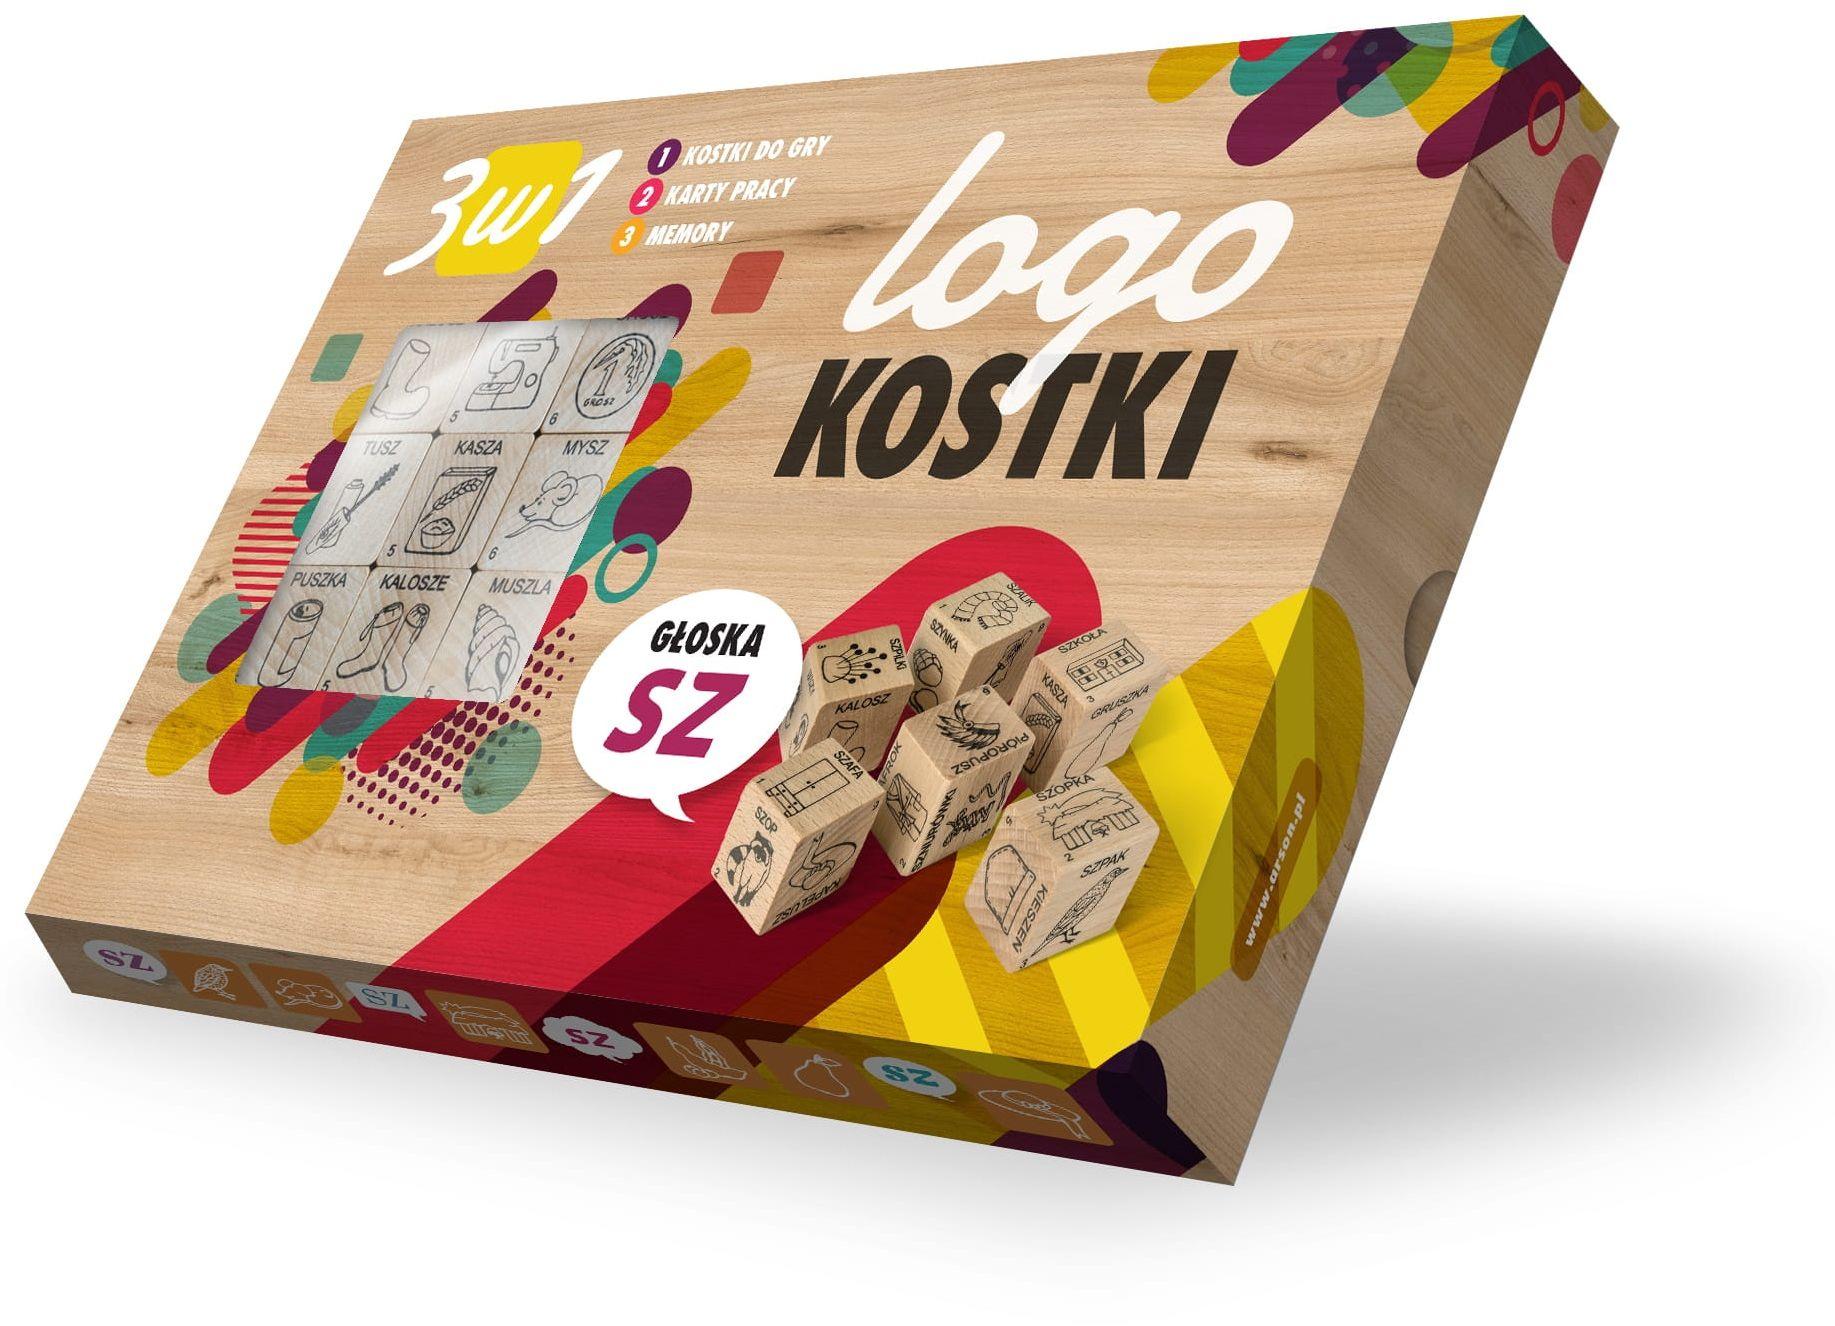 """Logokostki- Głoska """"SZ"""" 3w1"""